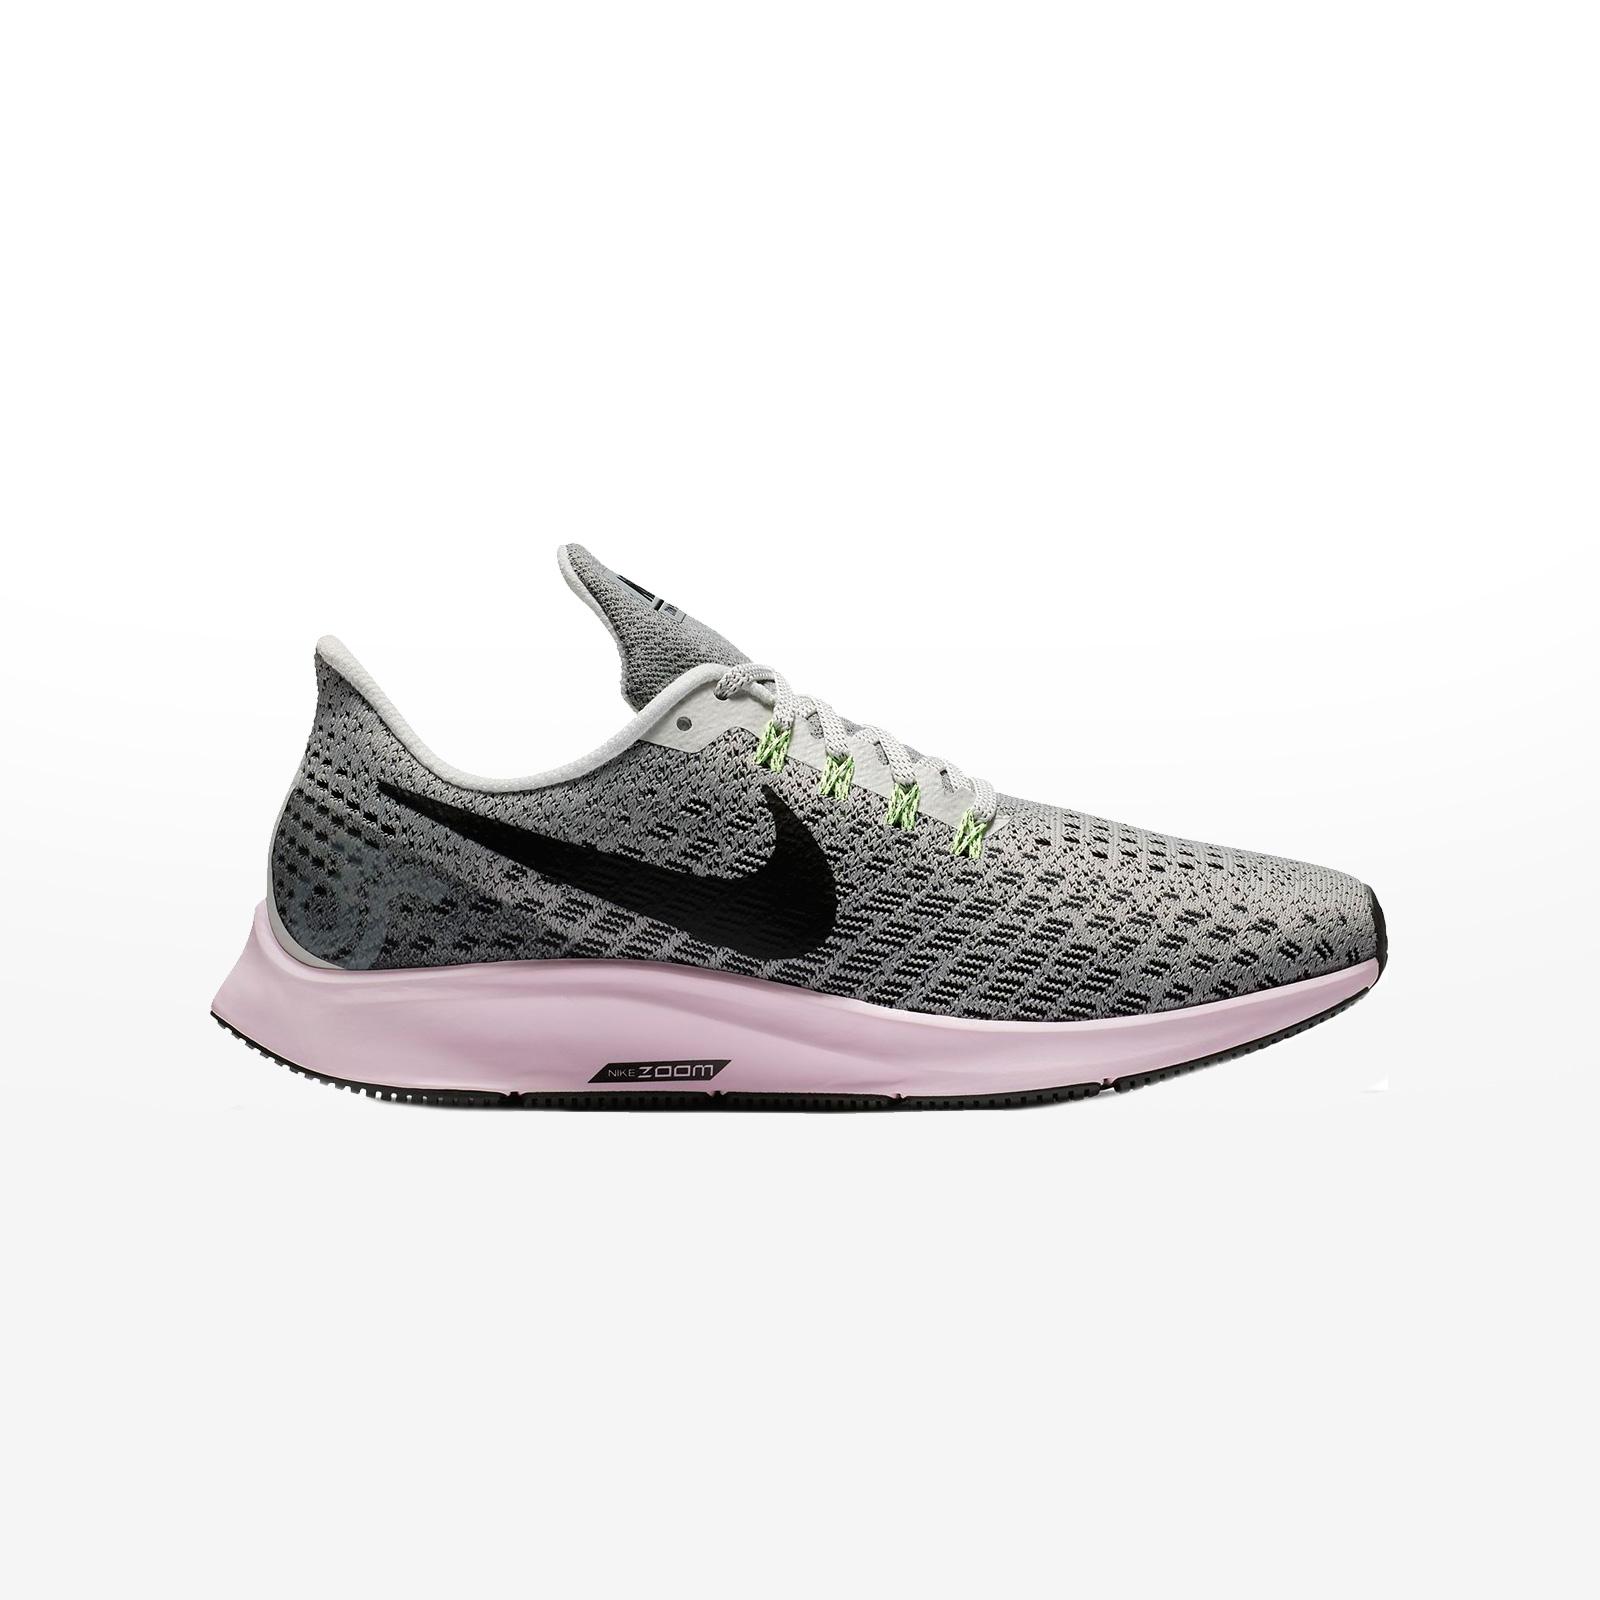 eb7e866b9b8 Sportcafe Nike – WMNS NIKE AIR ZOOM PEGASUS 35 – VAST GREY/BLACK-ATMOSPHERE  GREY